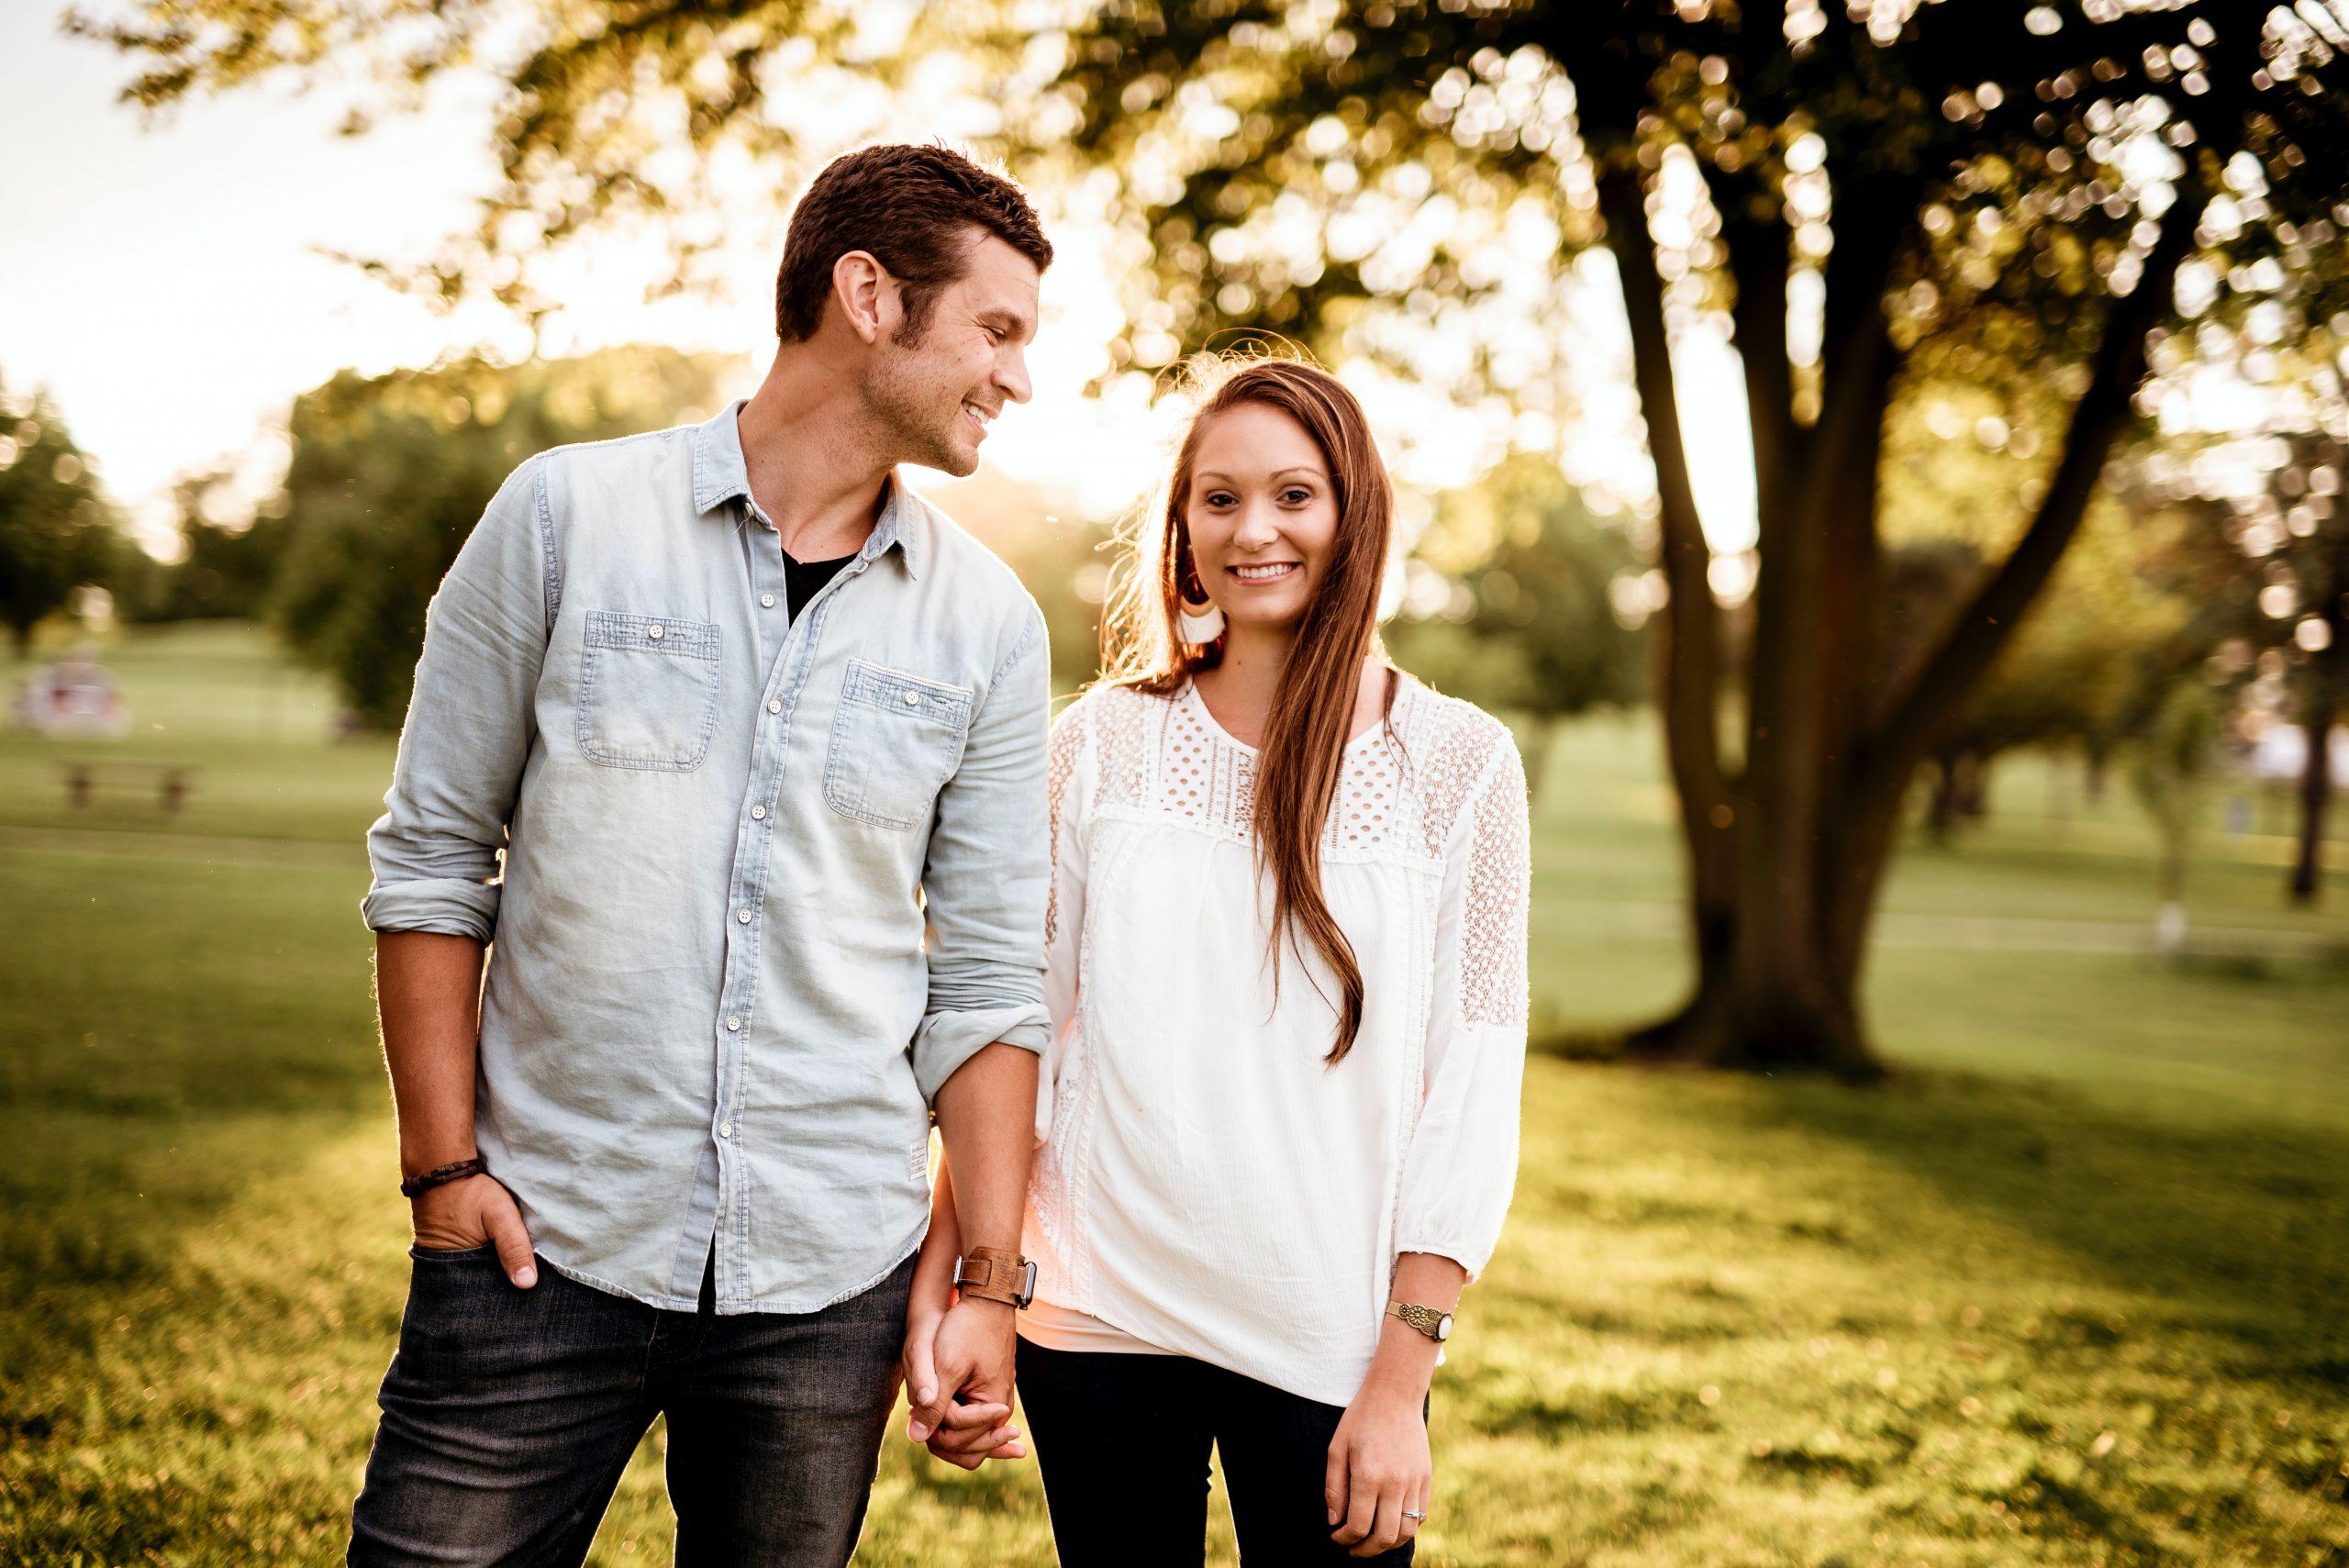 A házasság buktatói: Pár év, és halálra unjátok egymást?